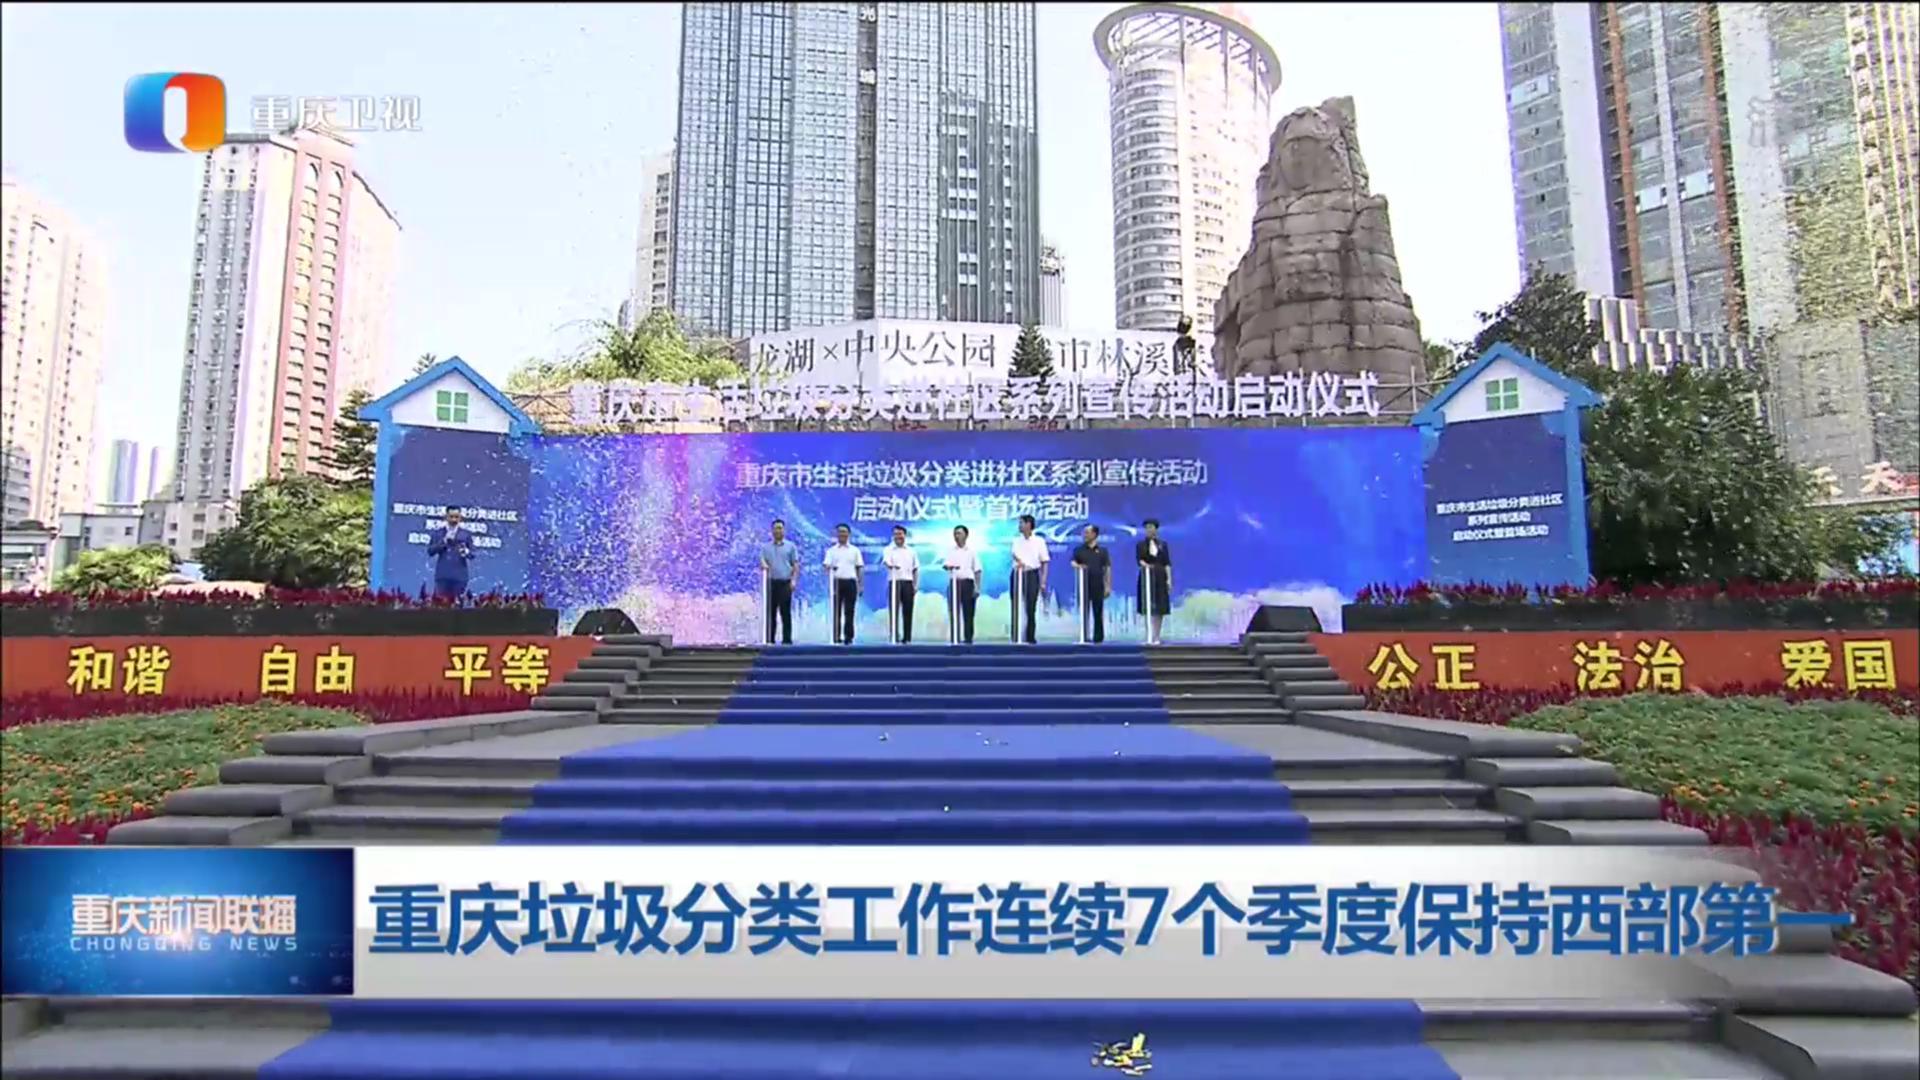 重庆垃圾分类工作连续7个季度保持西部第一